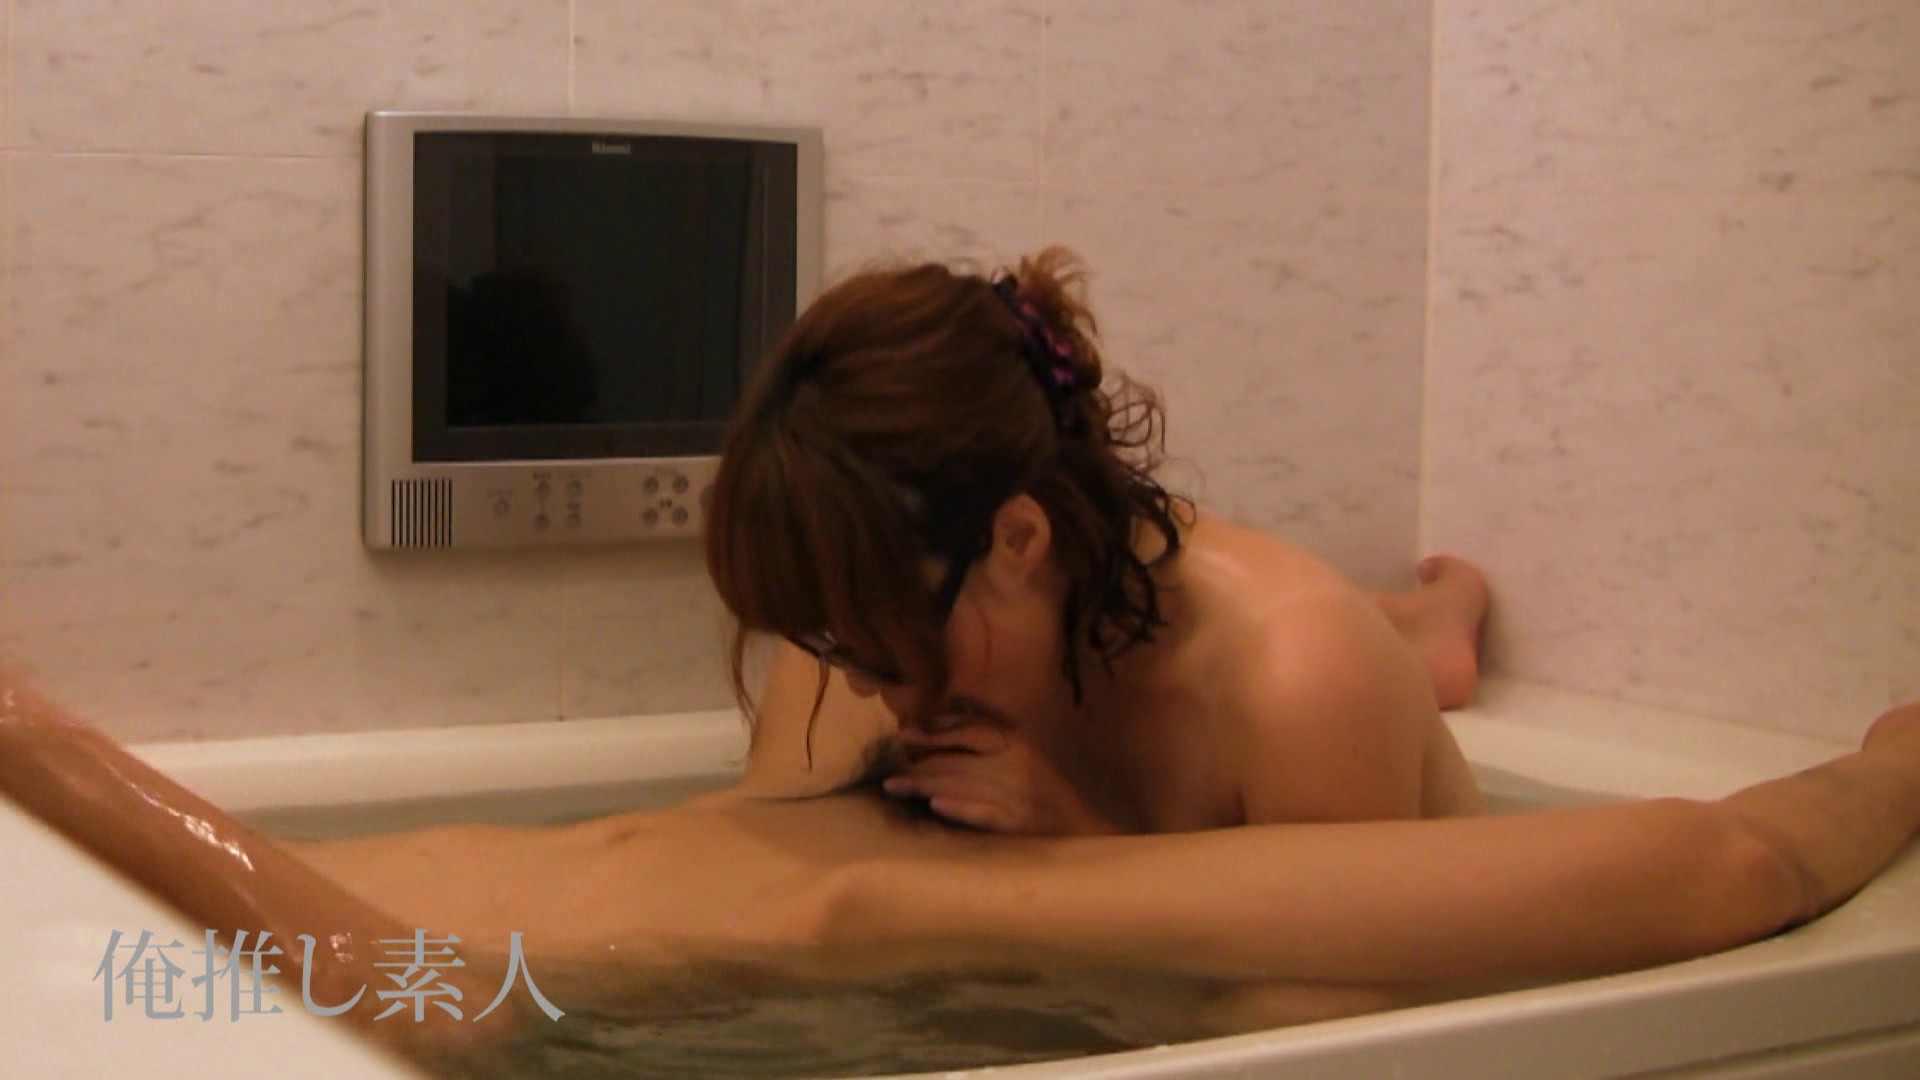 俺推し素人 キャバクラ嬢26歳久美vol4 HなOL   フェラ  104pic 22